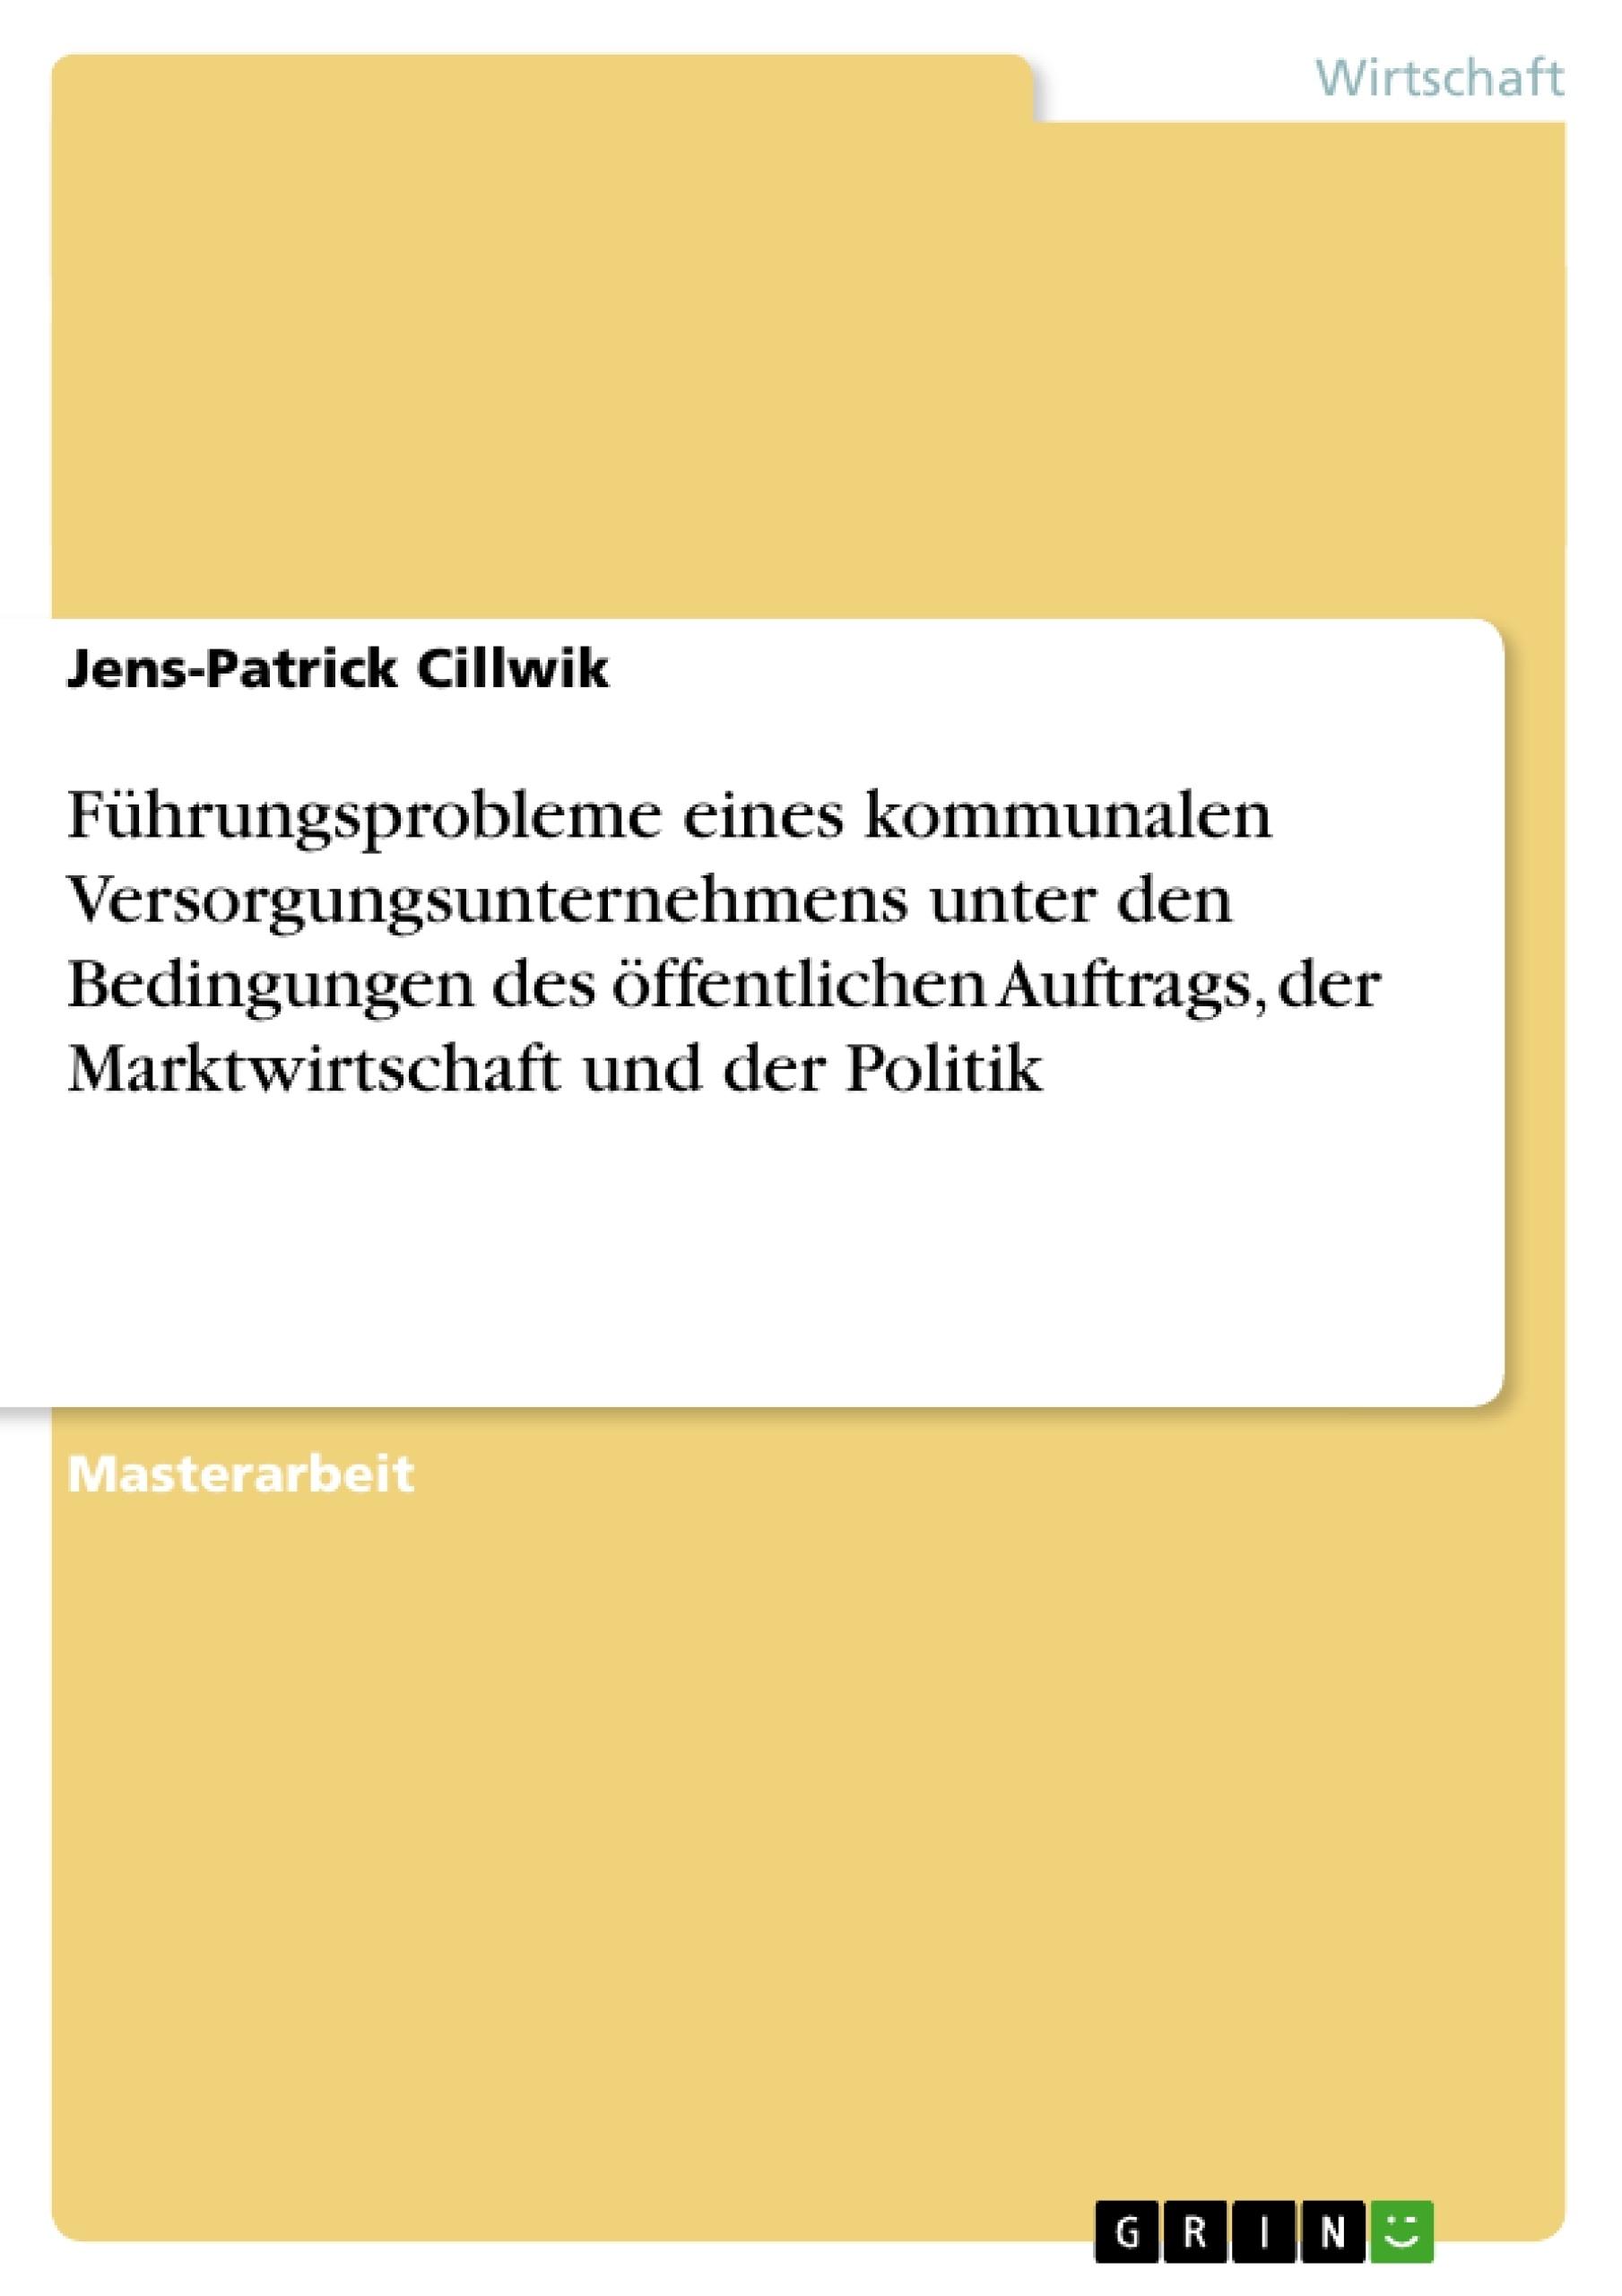 Titel: Führungsprobleme eines kommunalen Versorgungsunternehmens unter den Bedingungen des öffentlichen Auftrags, der Marktwirtschaft und der Politik